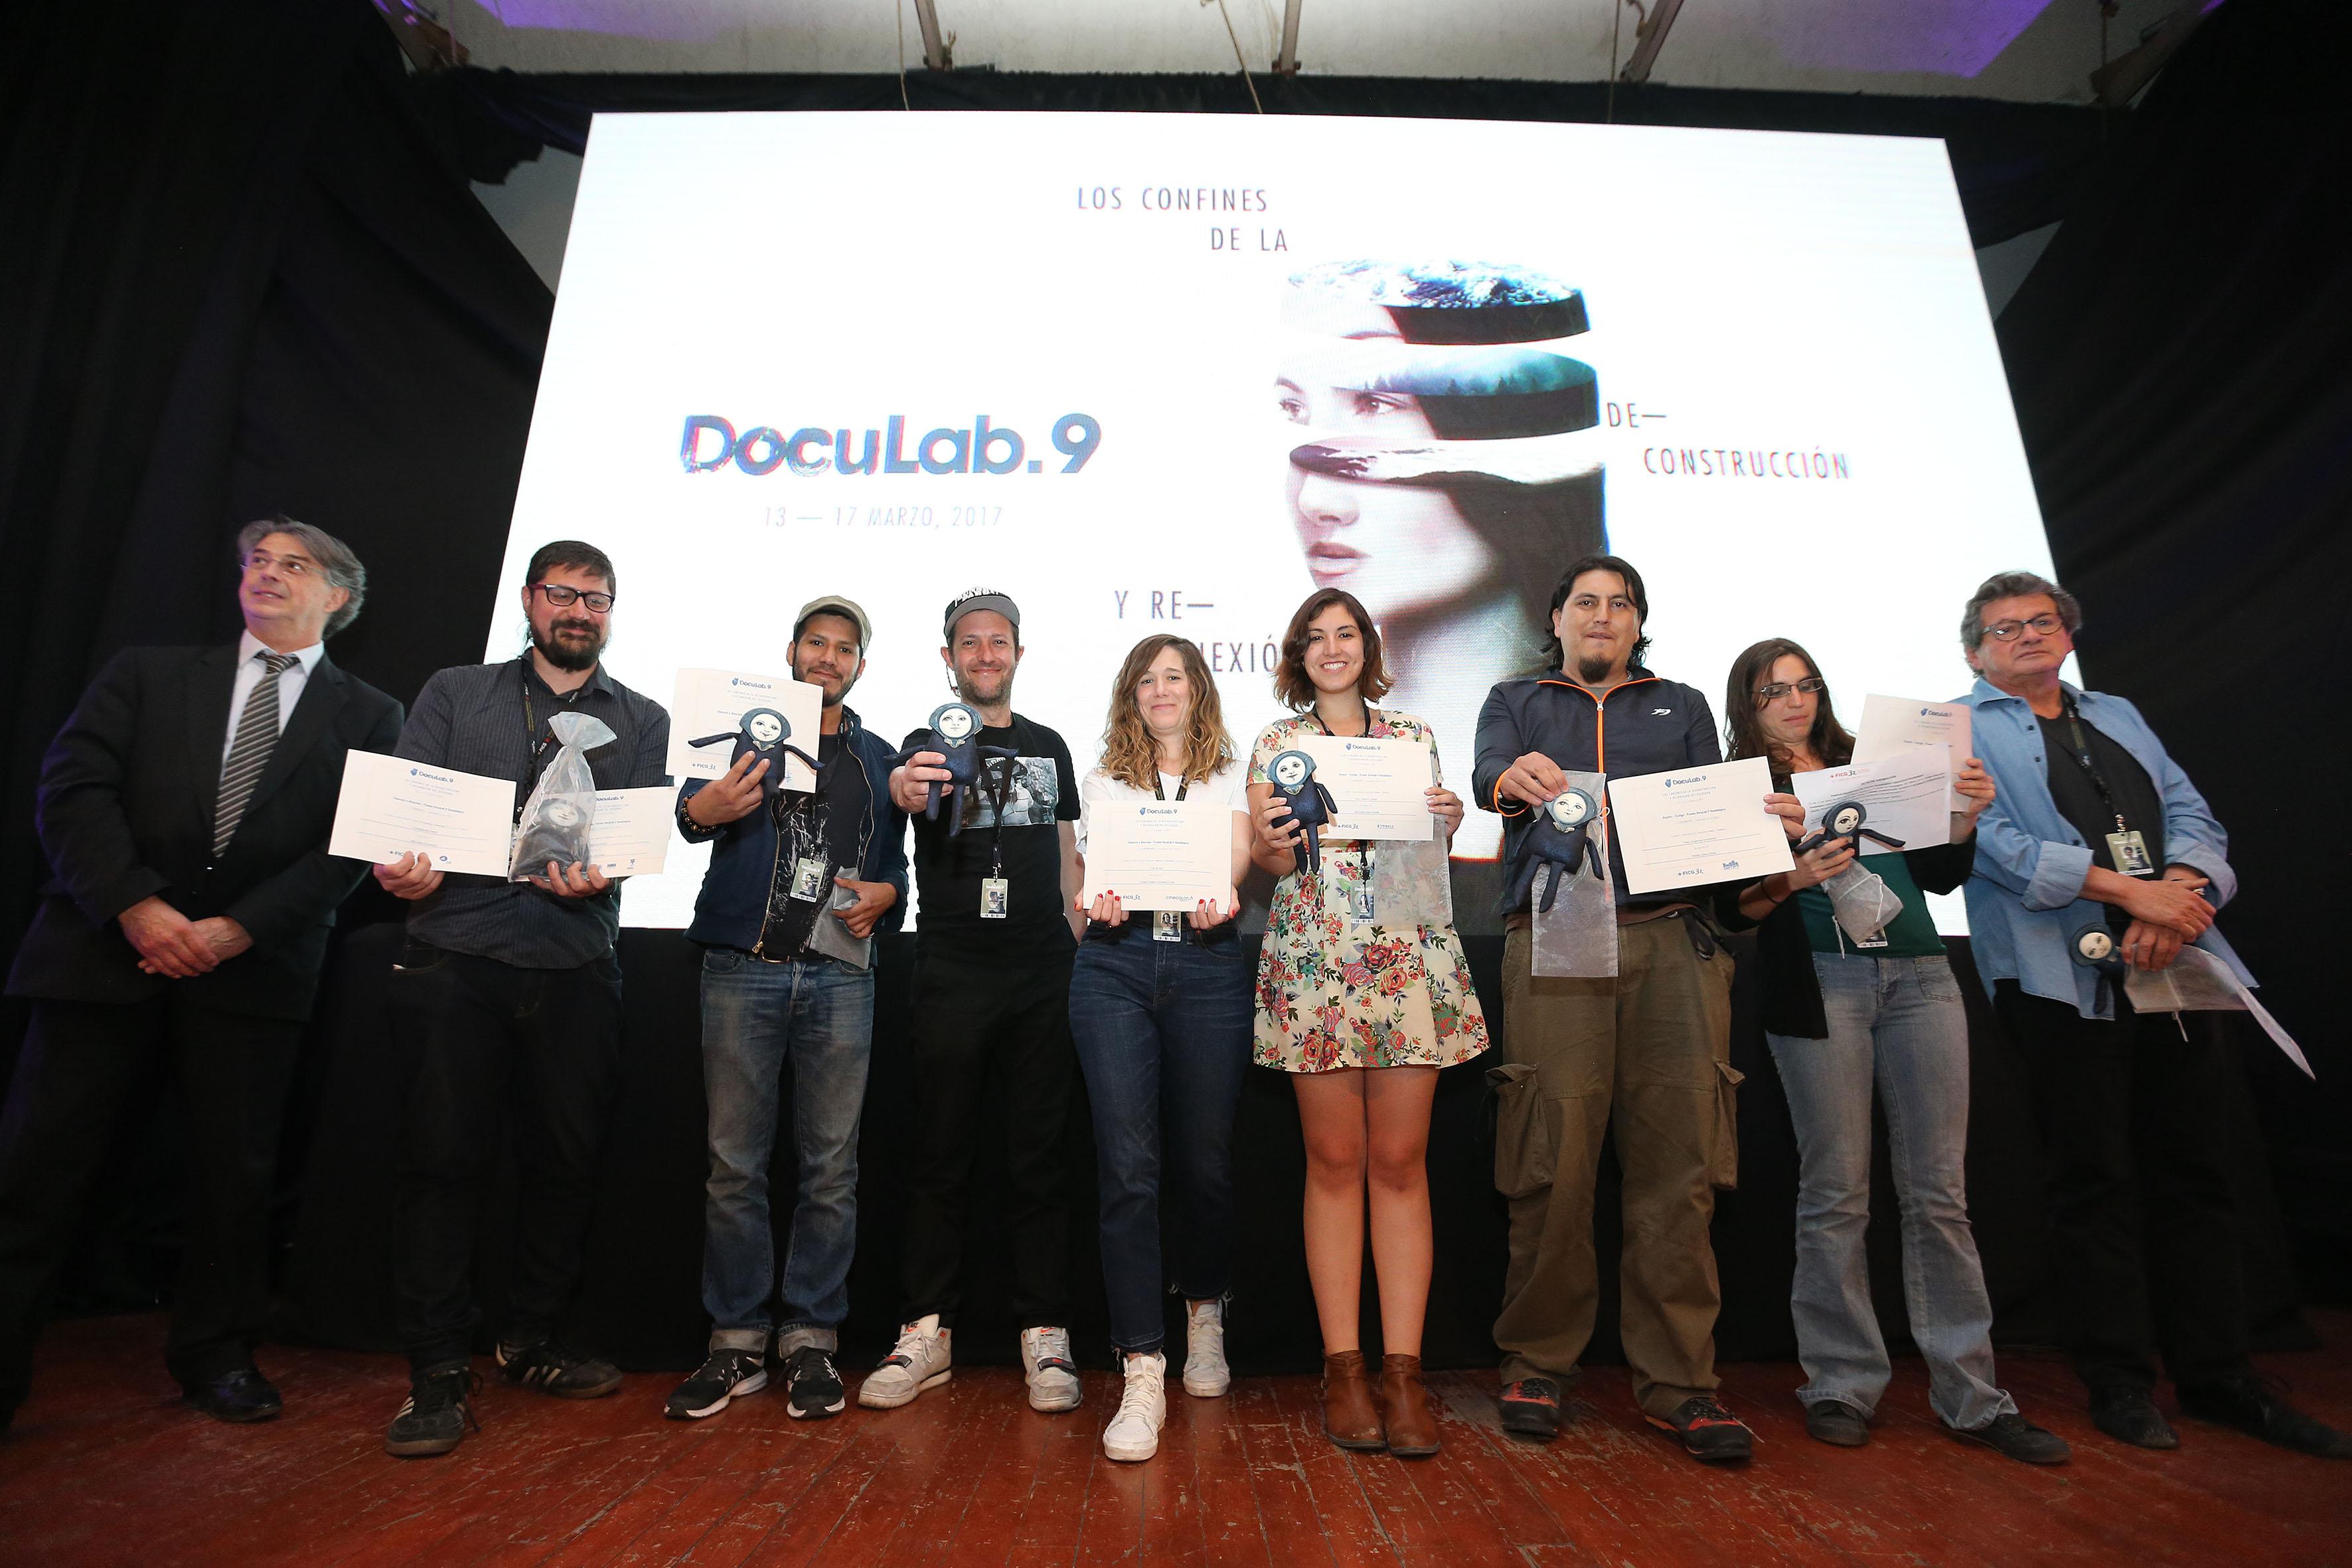 """Jóvenes ganadores de la novena edición de """"Doculab GDL"""", mostrando sus premios y reconocimientos."""